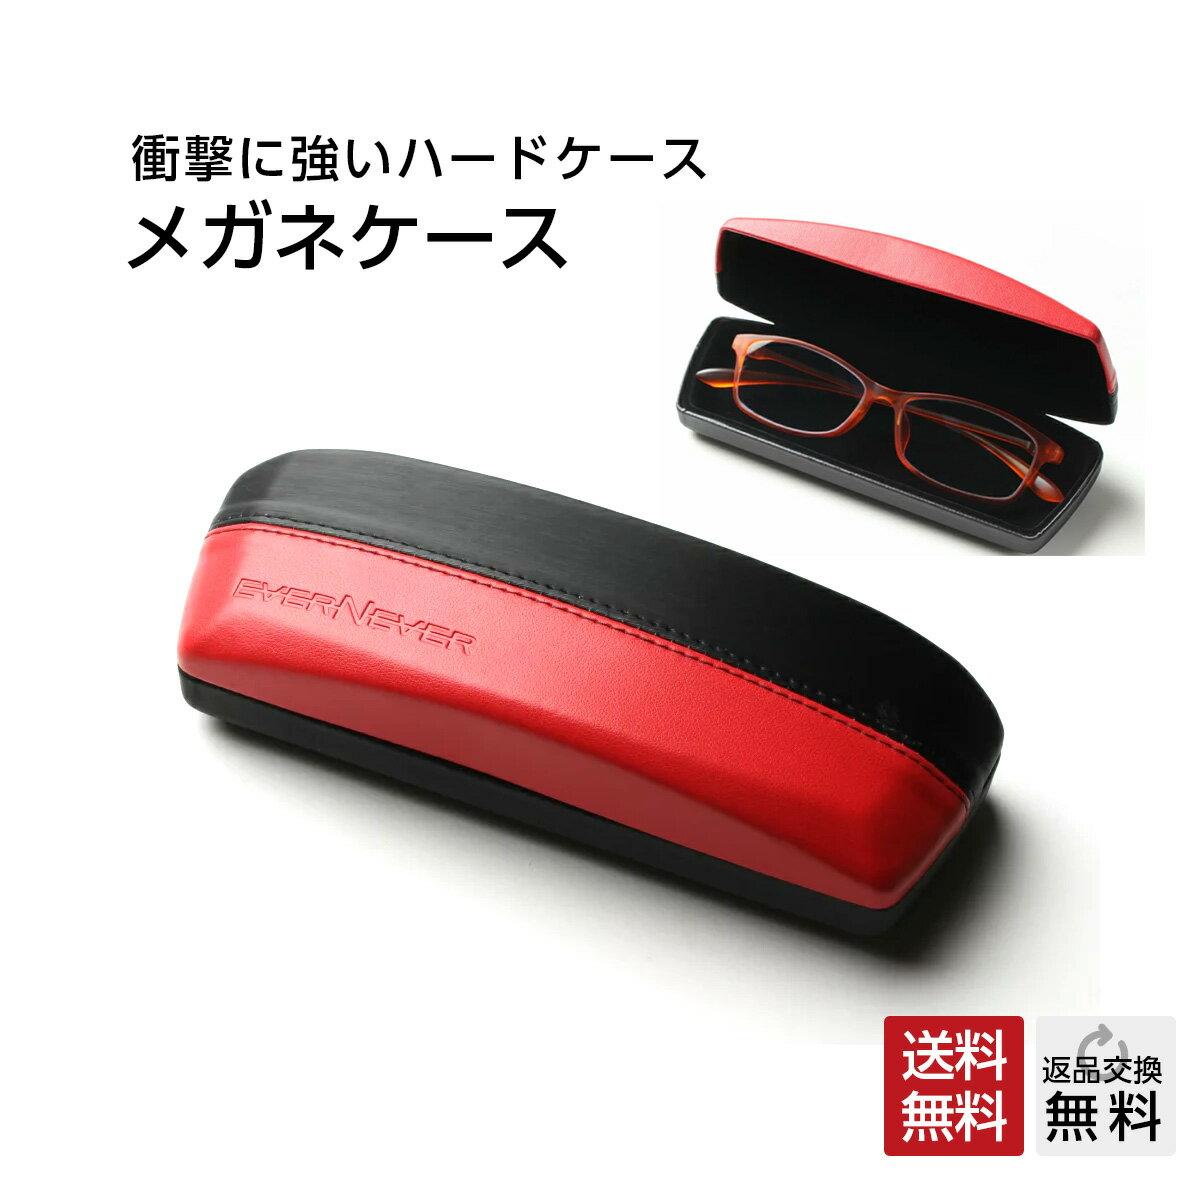 【ハードケース】メガネケース 眼鏡ケース スリム おしゃれ ブランド ハード 携帯 老眼鏡 EVERNEVER 当店限定ケース